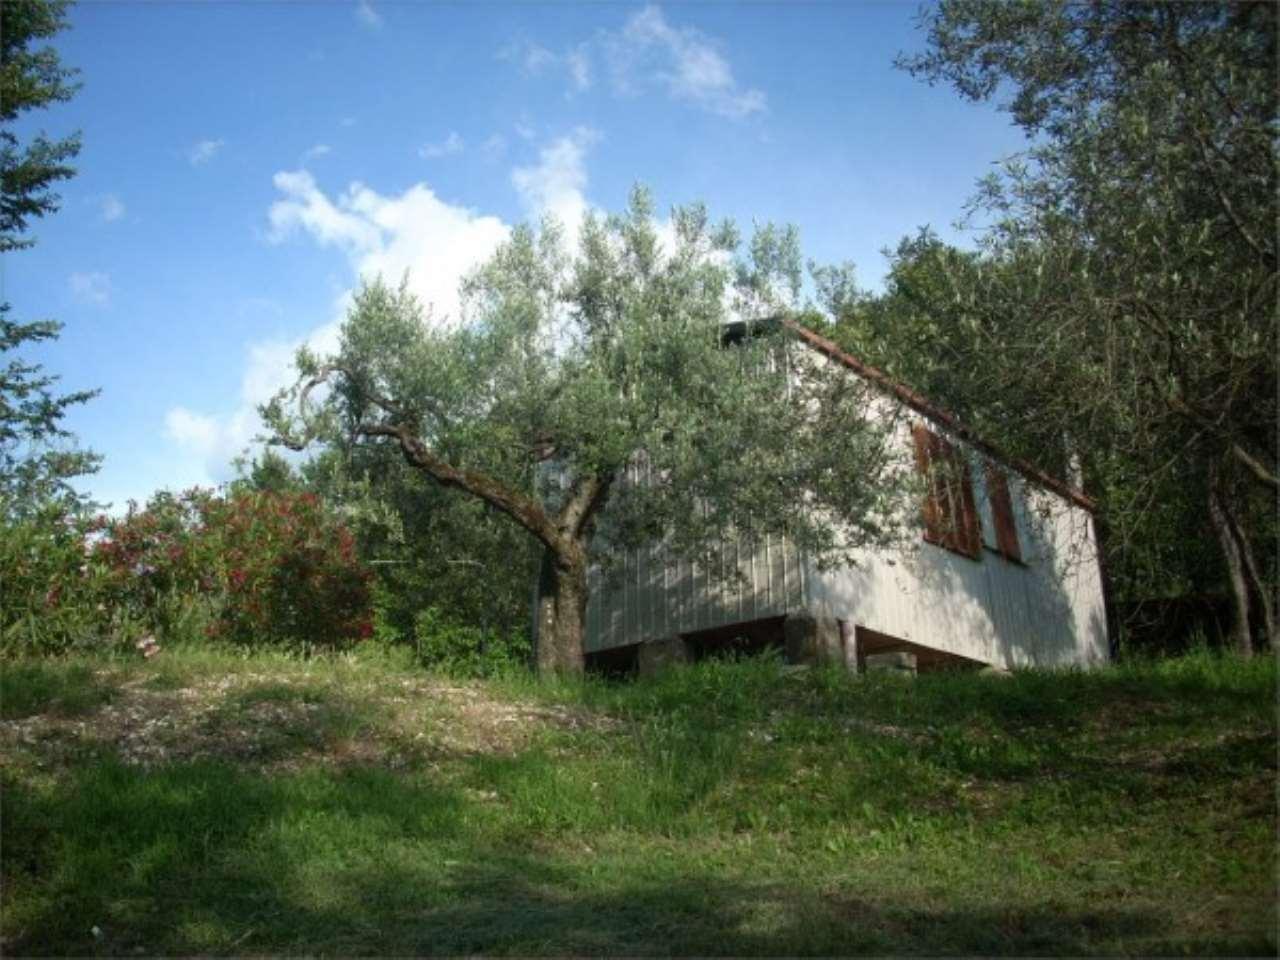 Terreno Edificabile Artigianale in vendita a Castelnuovo di Farfa, 9999 locali, prezzo € 35.000 | Cambio Casa.it